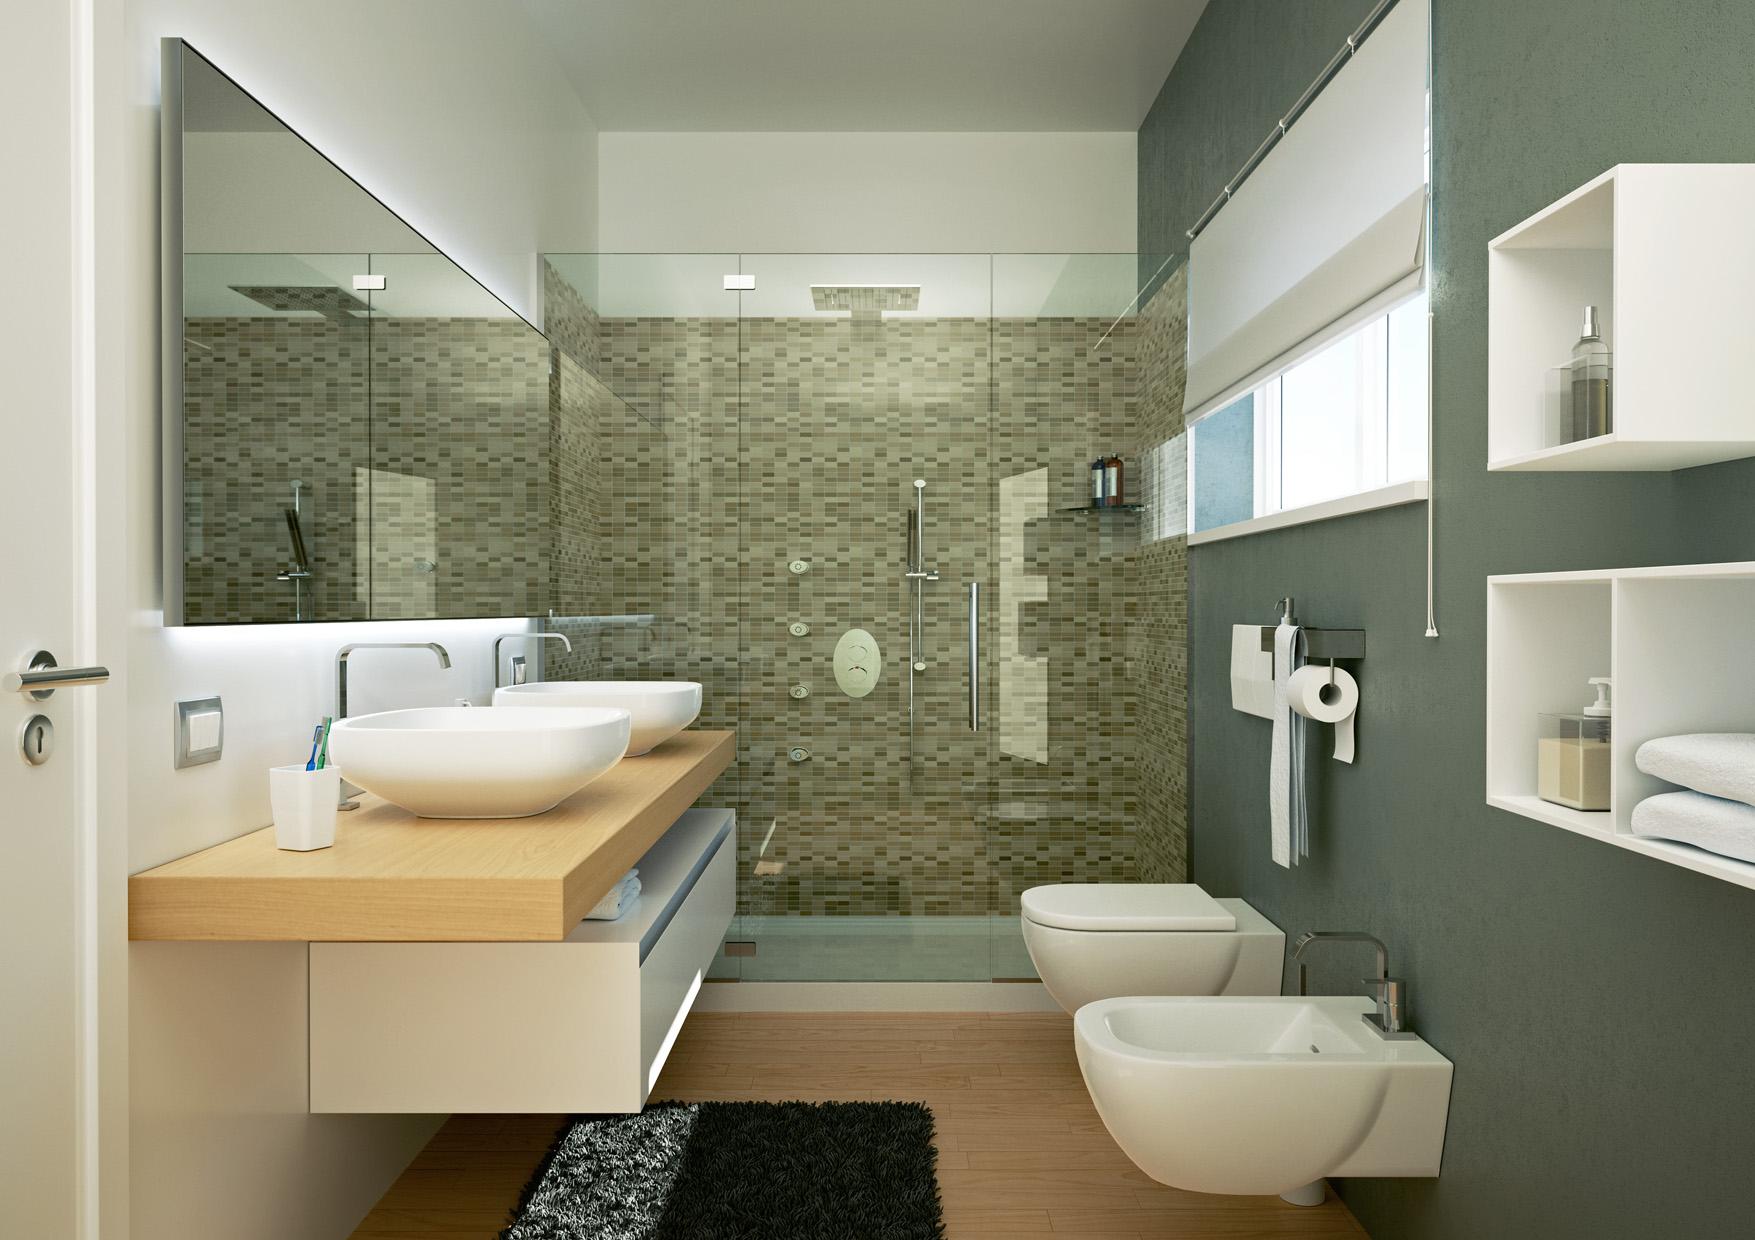 Villa in vendita a costermano verona riscaldamento autonomo 4 camere 3 bagni garage - Interni bagni moderni ...